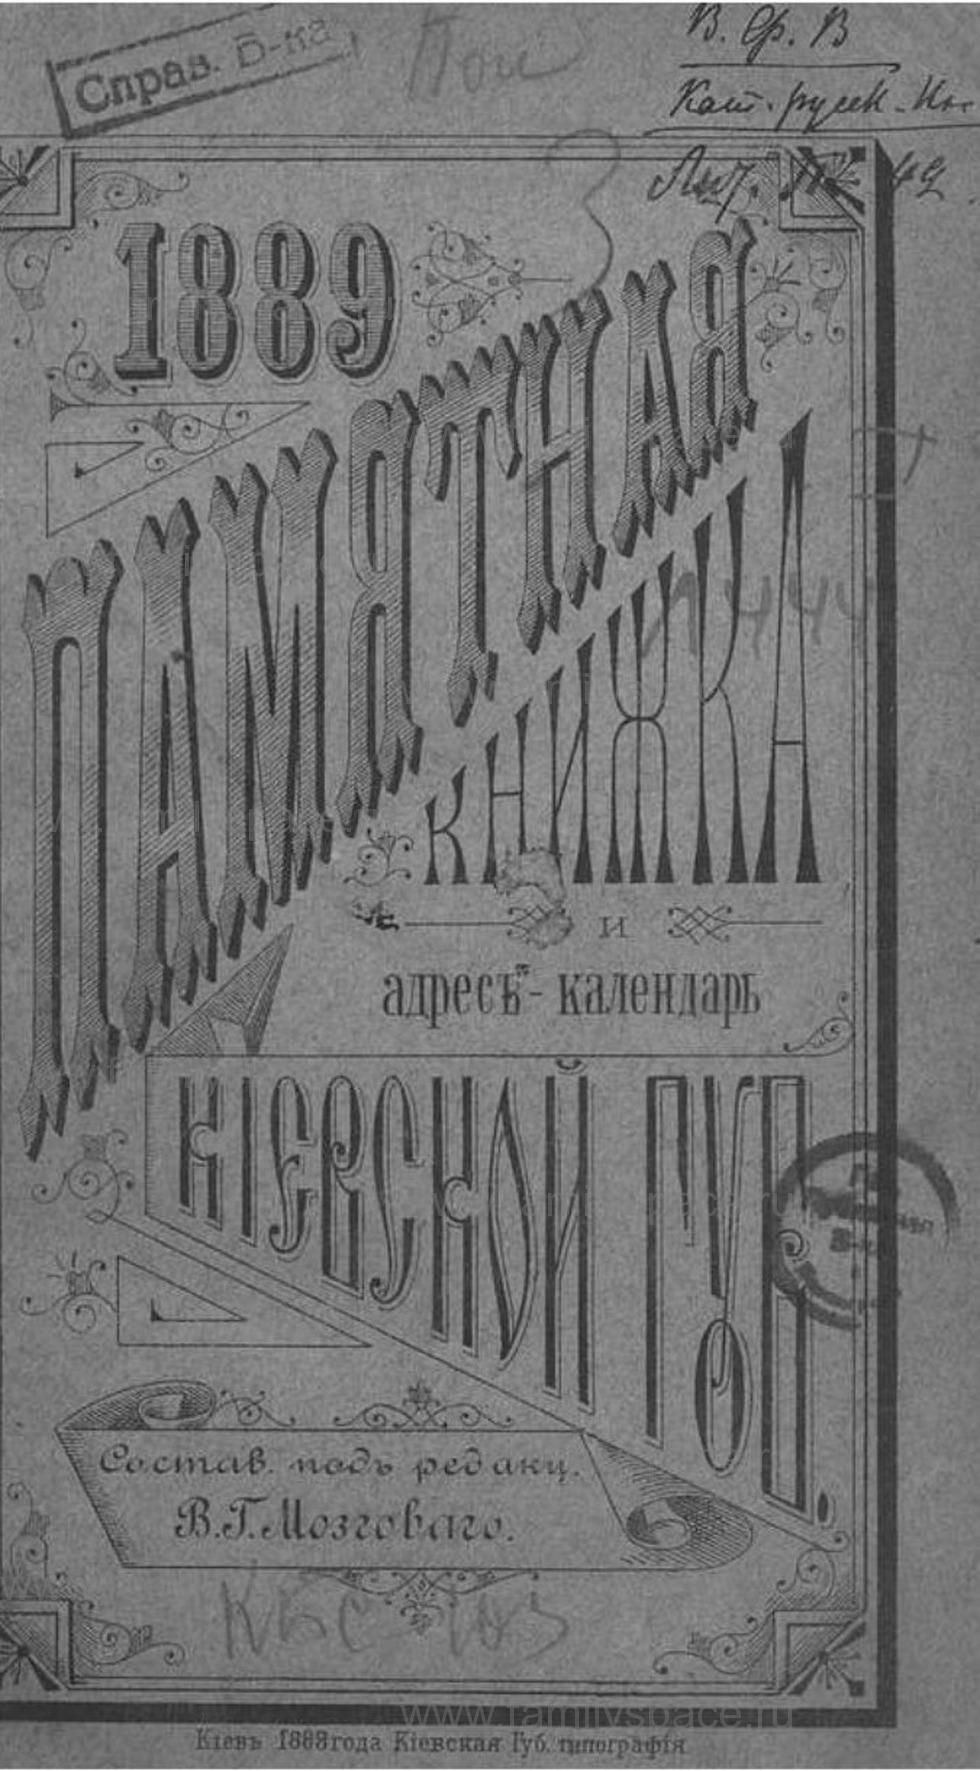 Поиск по фамилии - Памятная книжка и адрес-календарь Киевской губернии на 1889 год, страница 5